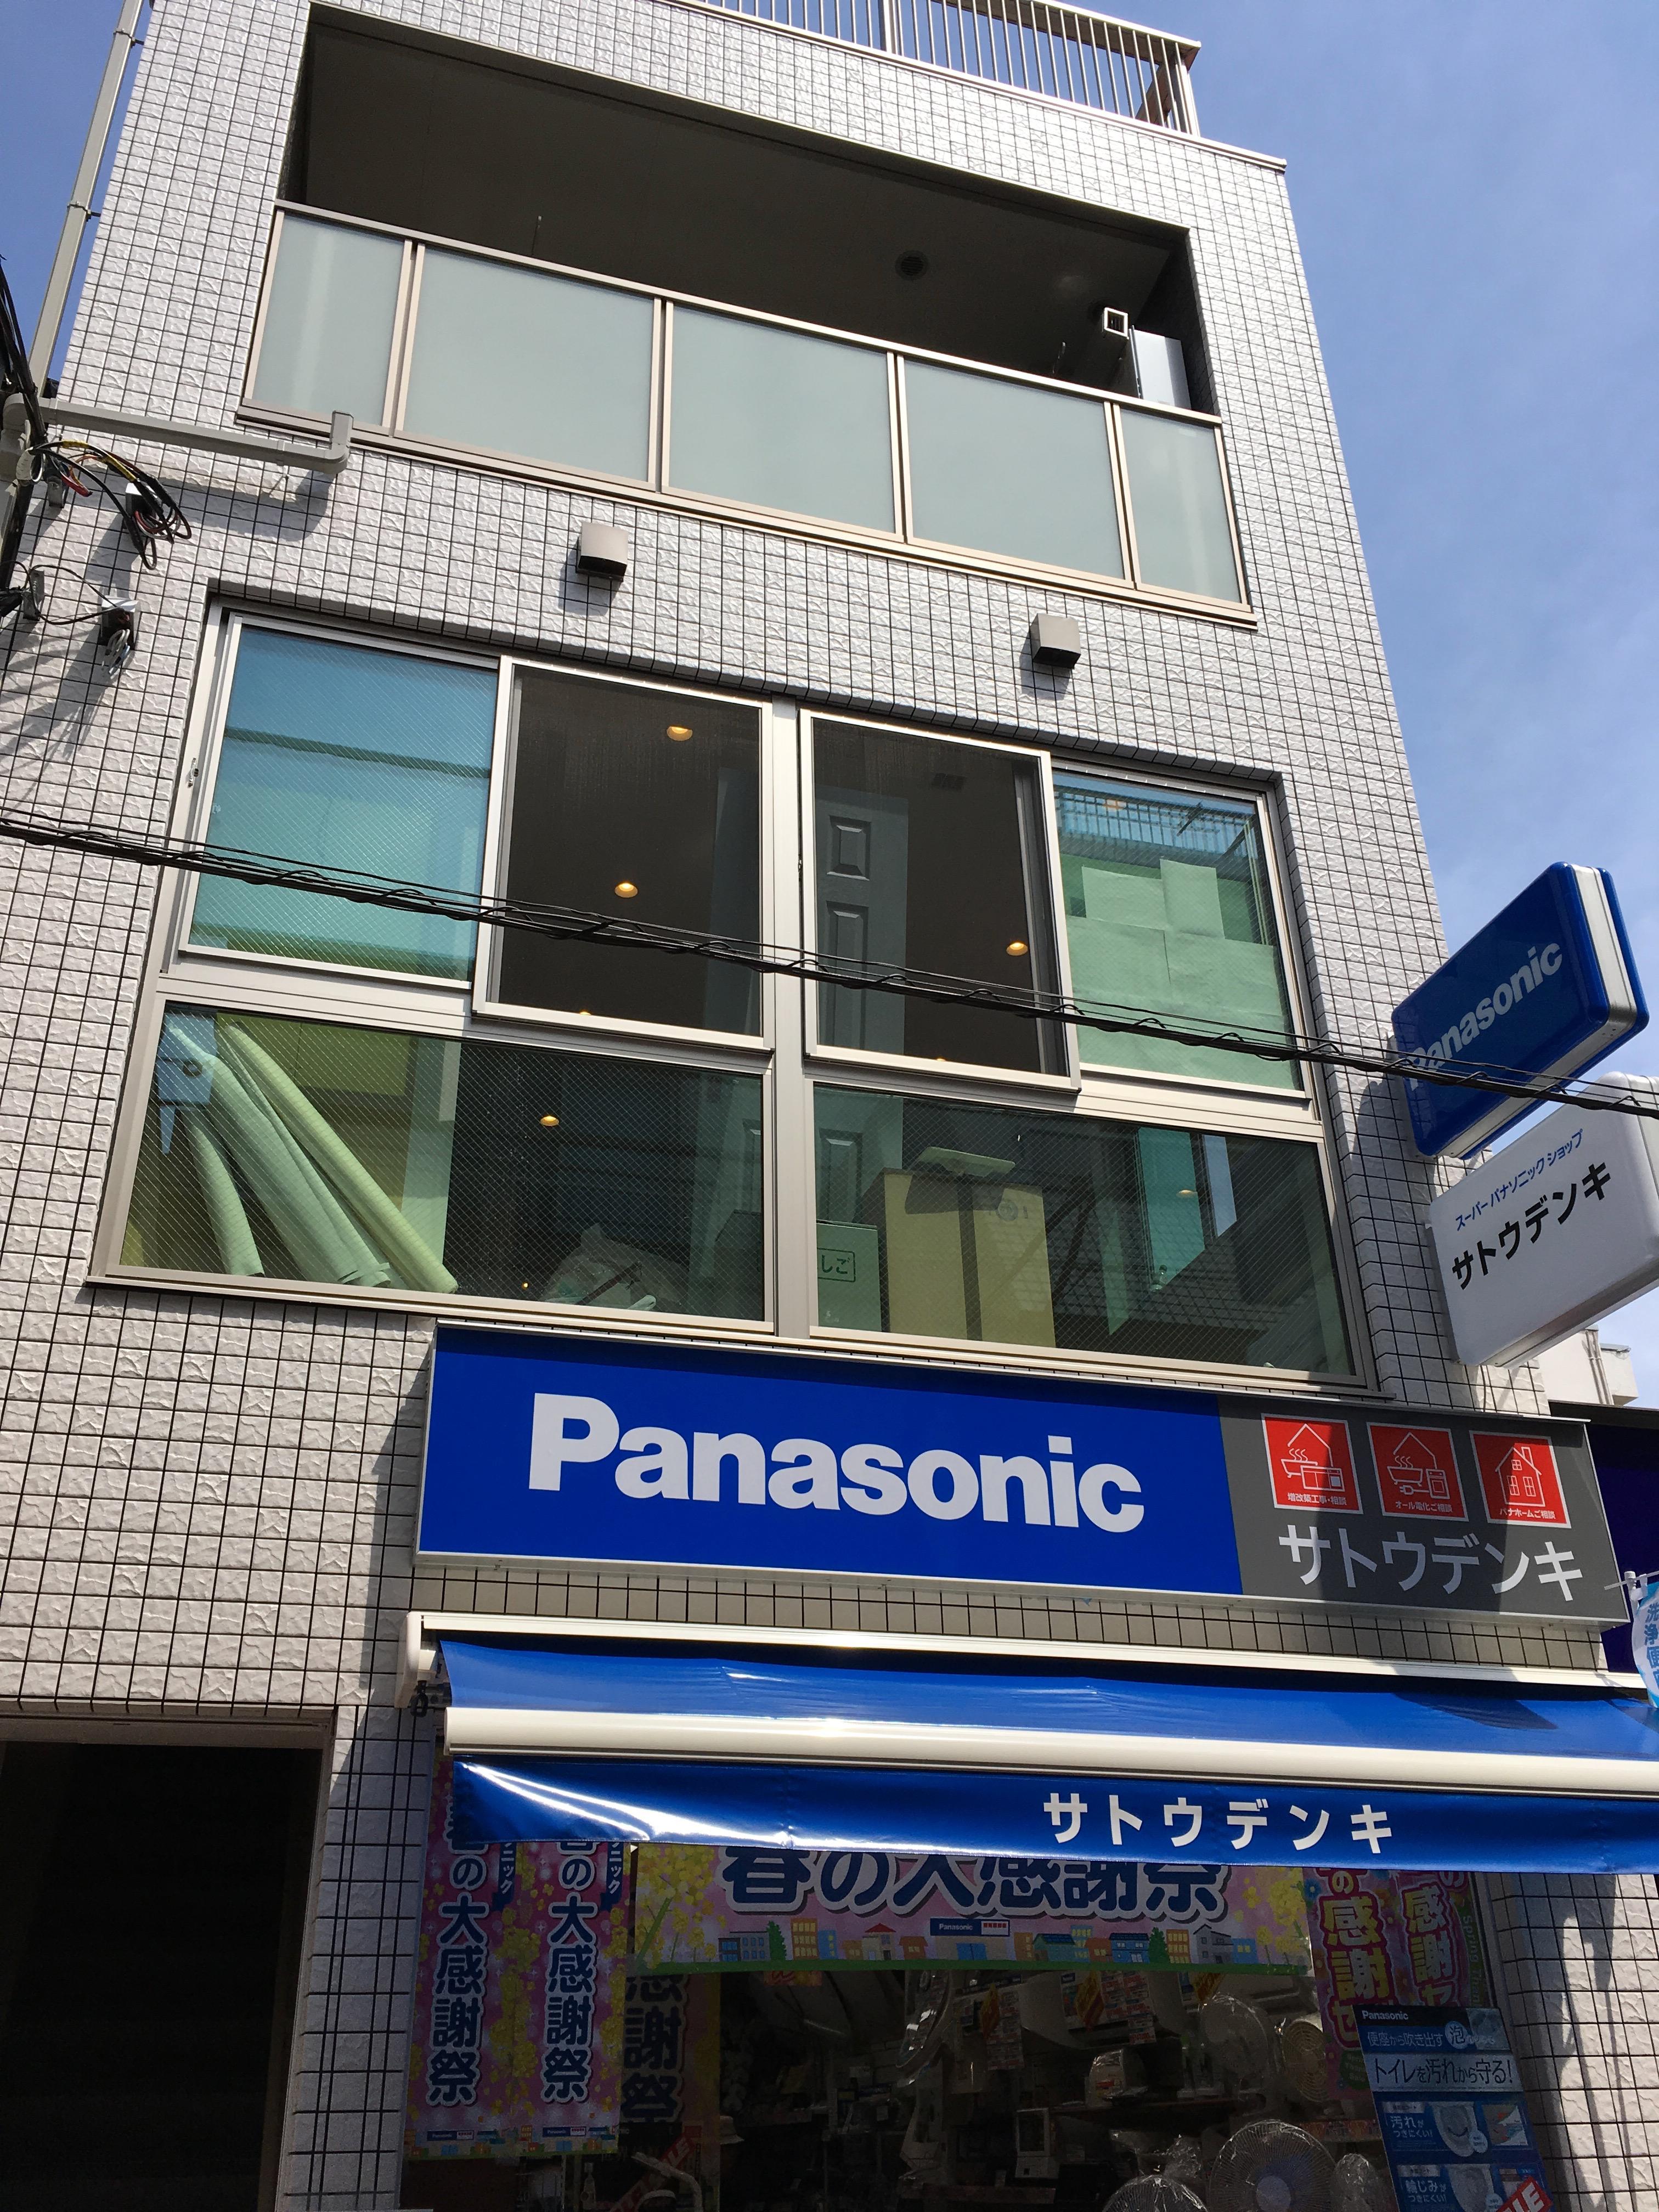 ハンターシーリングファン 展示  ビルダースモールルーム ライト キット付き サトウ電気 東京都調布市 画像